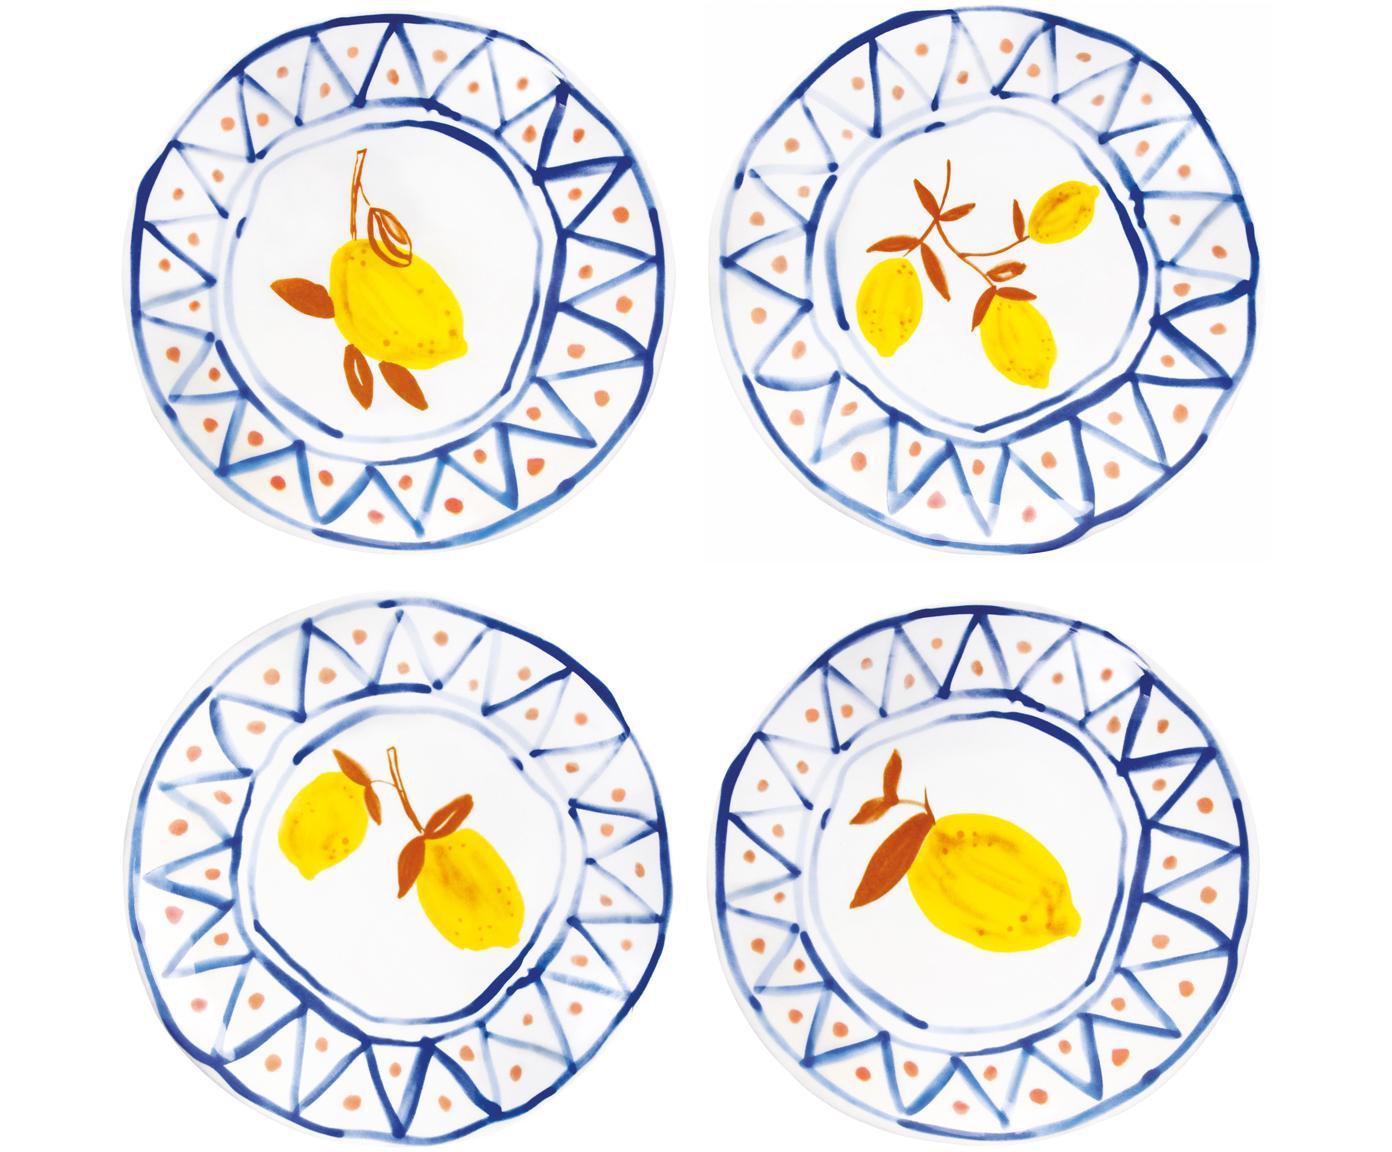 Brotteller Lemon Moroccan mit Zitronen-Motiv, 4er-Set, Steingut, Weiß, Blau, Orange, Gelb, Ø 16 cm